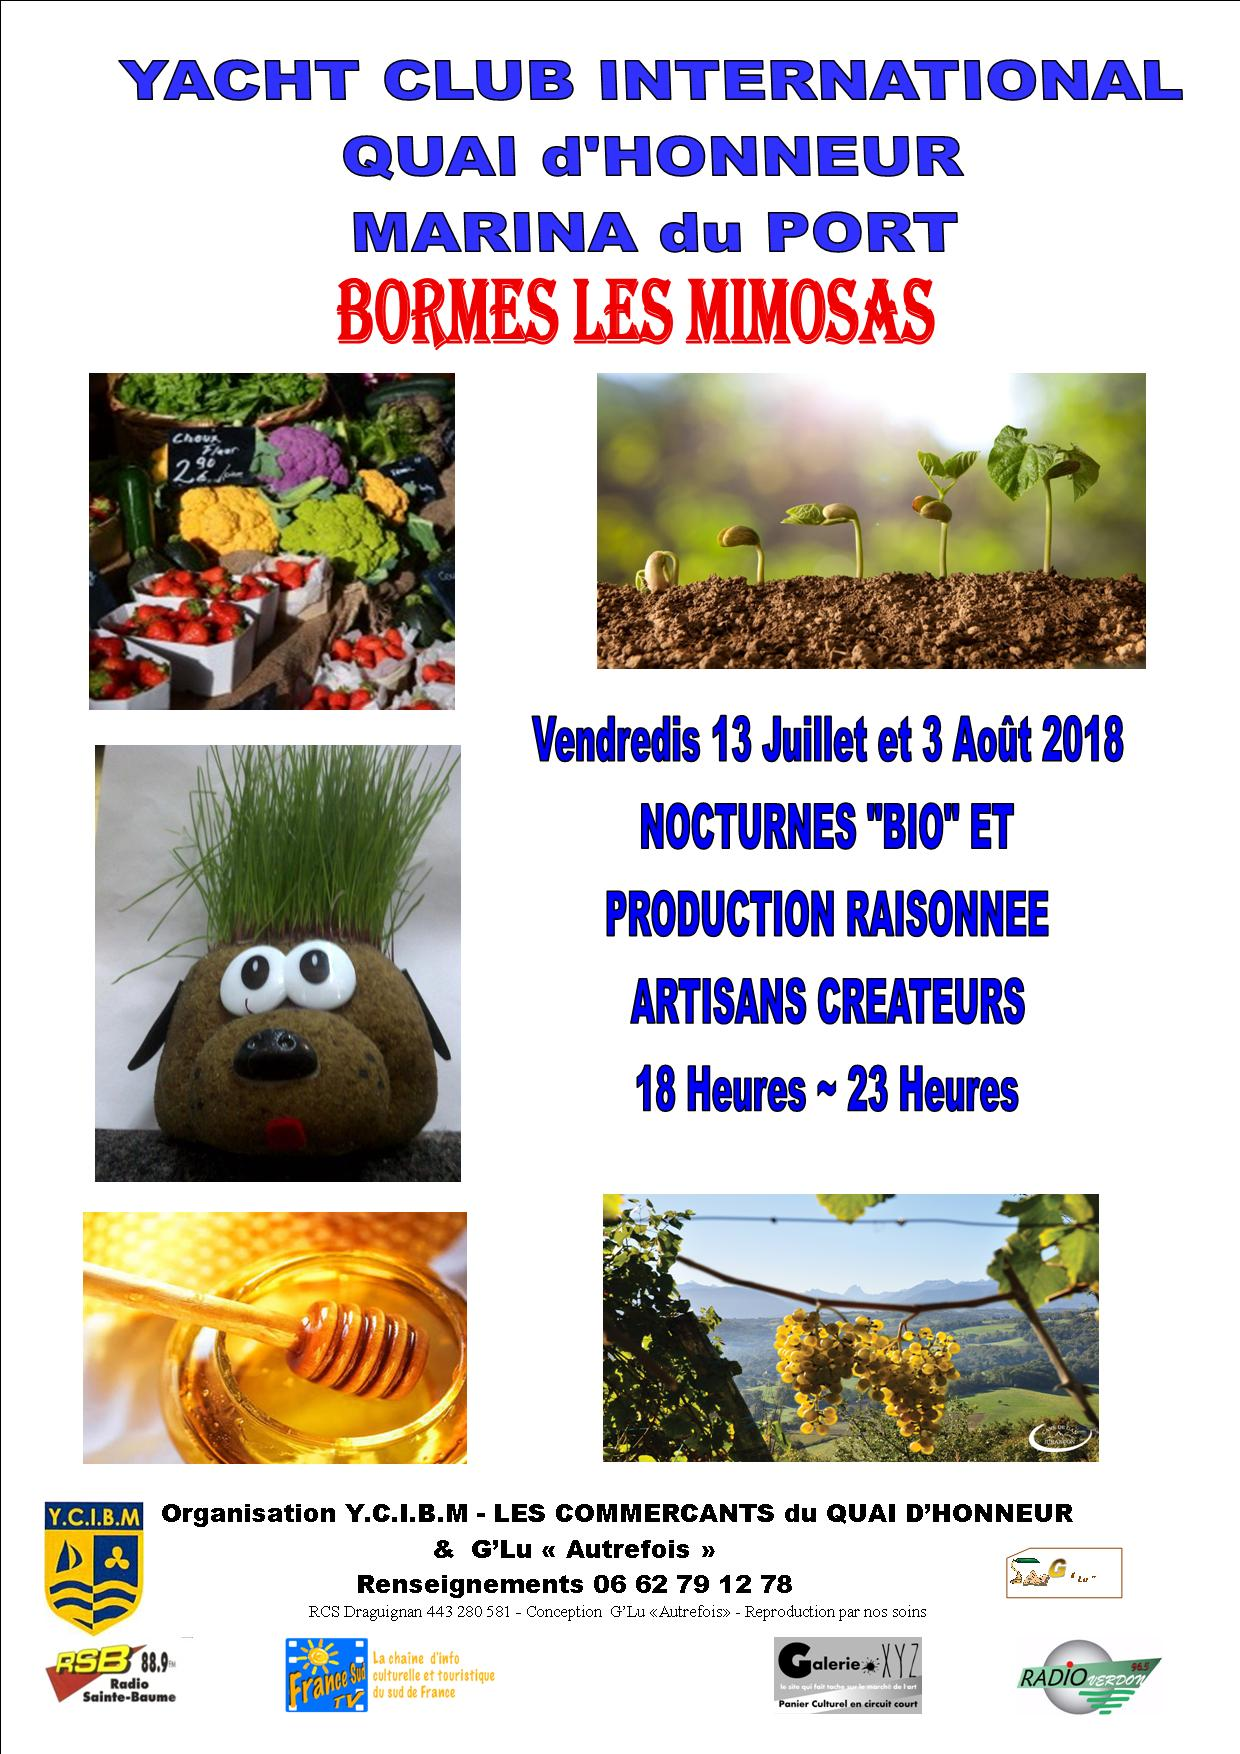 MARCHE NOCTURNE BIO NATURE PRODUCTEURS BORMES LES MIMOSAS